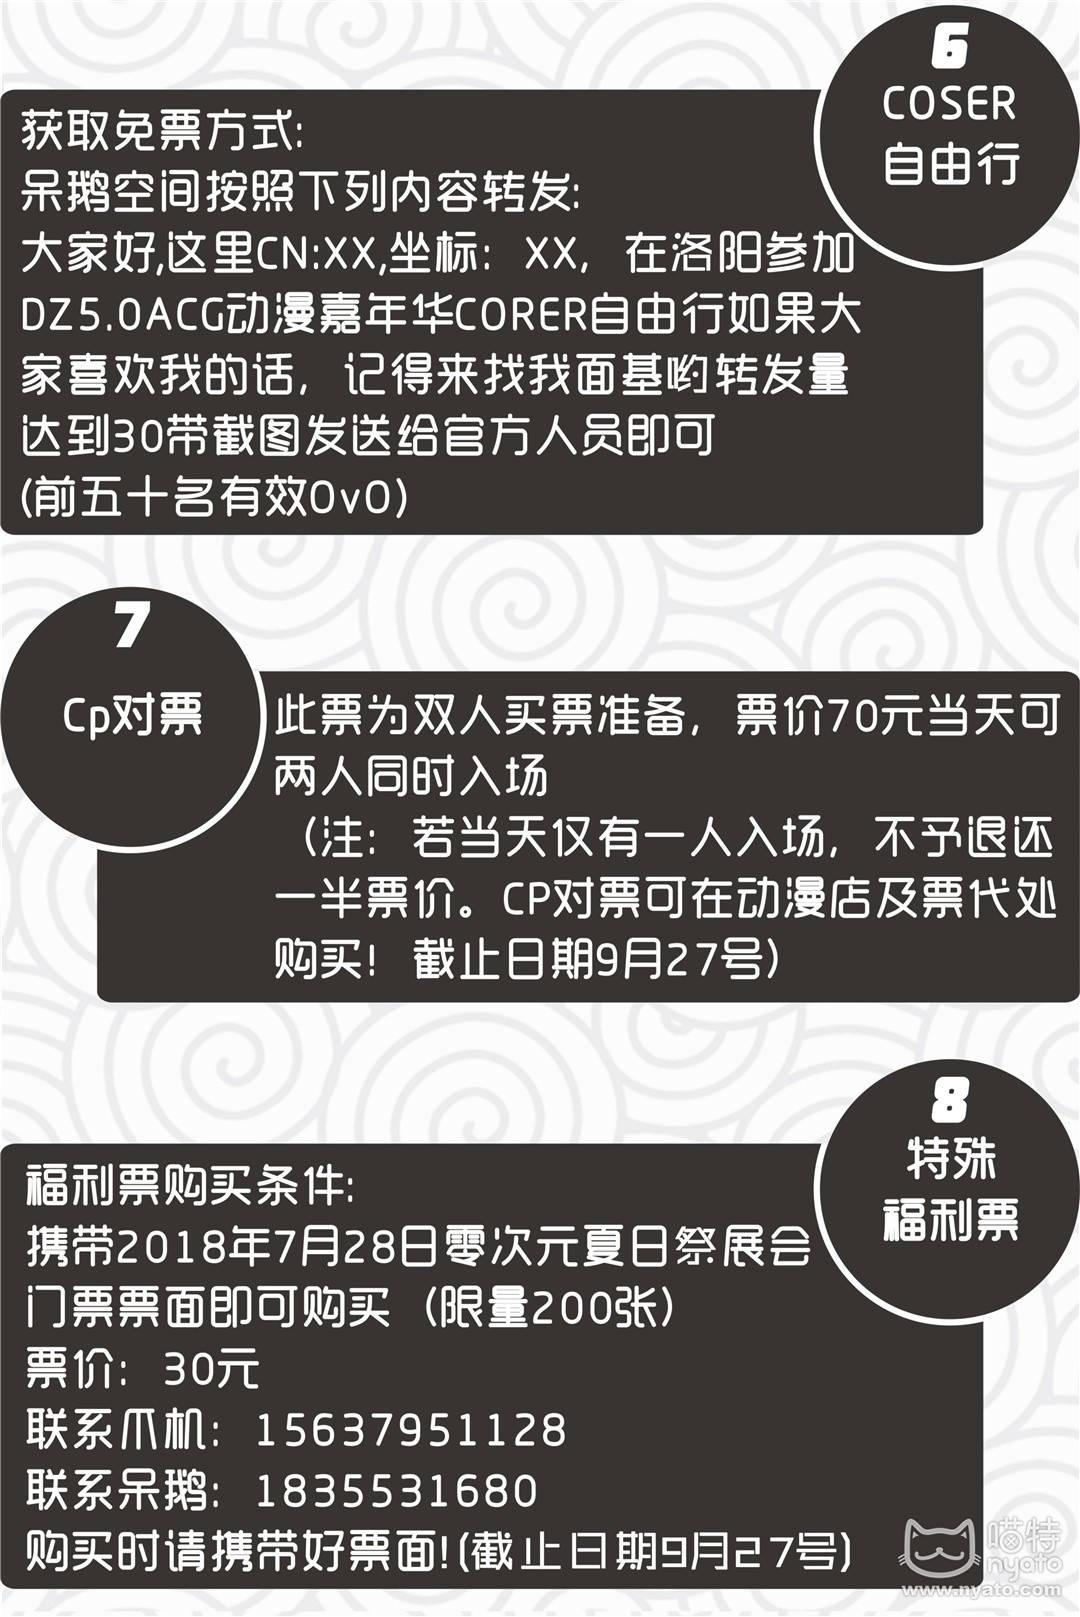 7福利内容.jpg